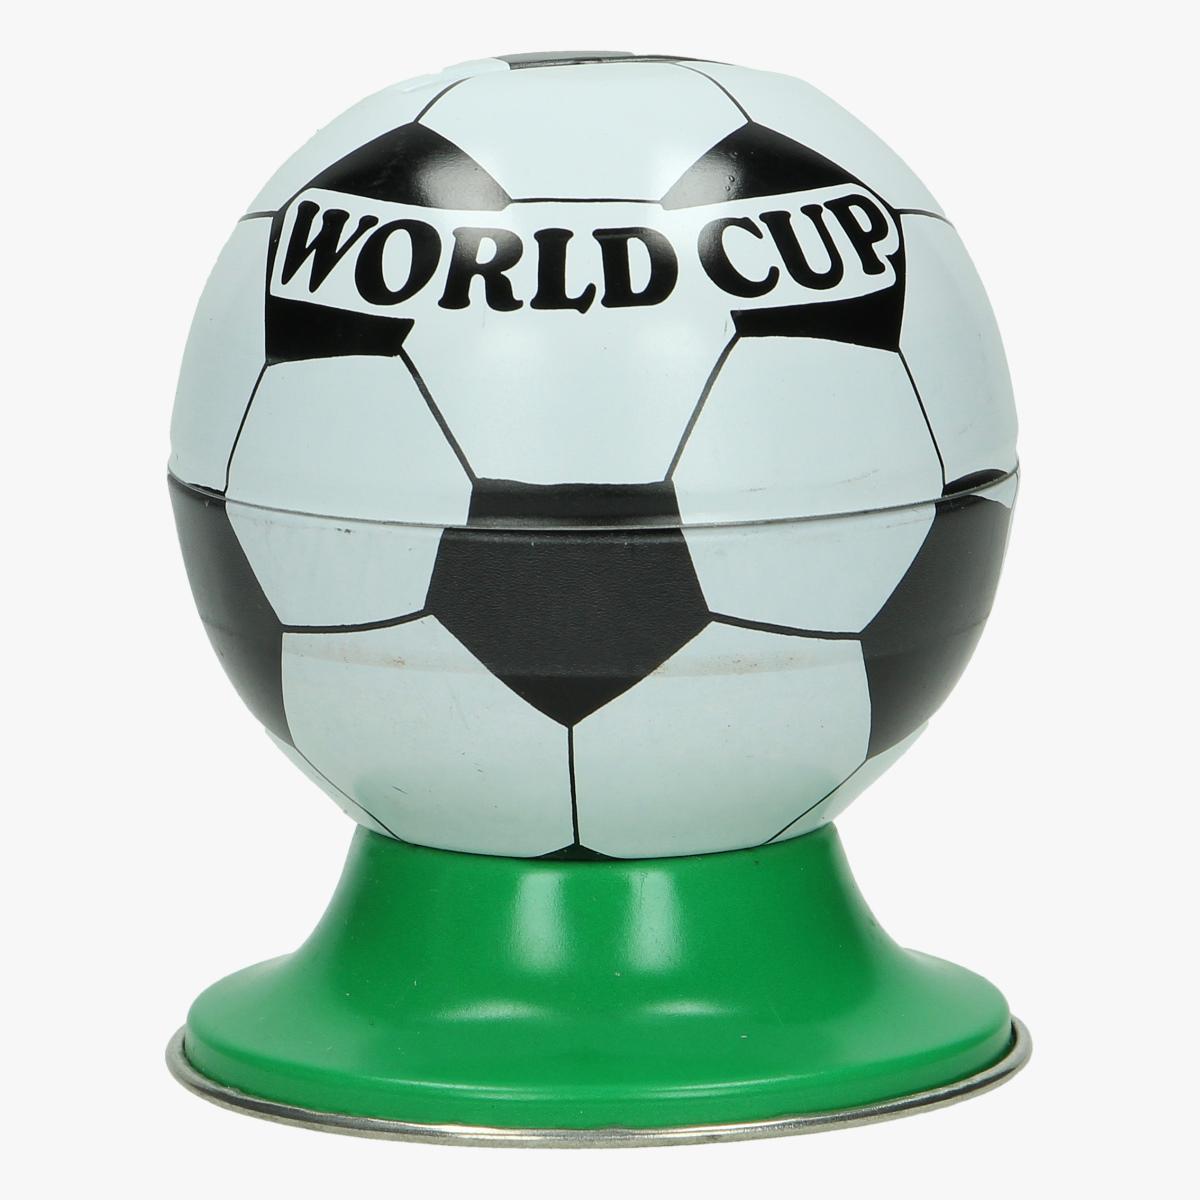 Afbeeldingen van blikken voetbal spaarpot worldcup repro